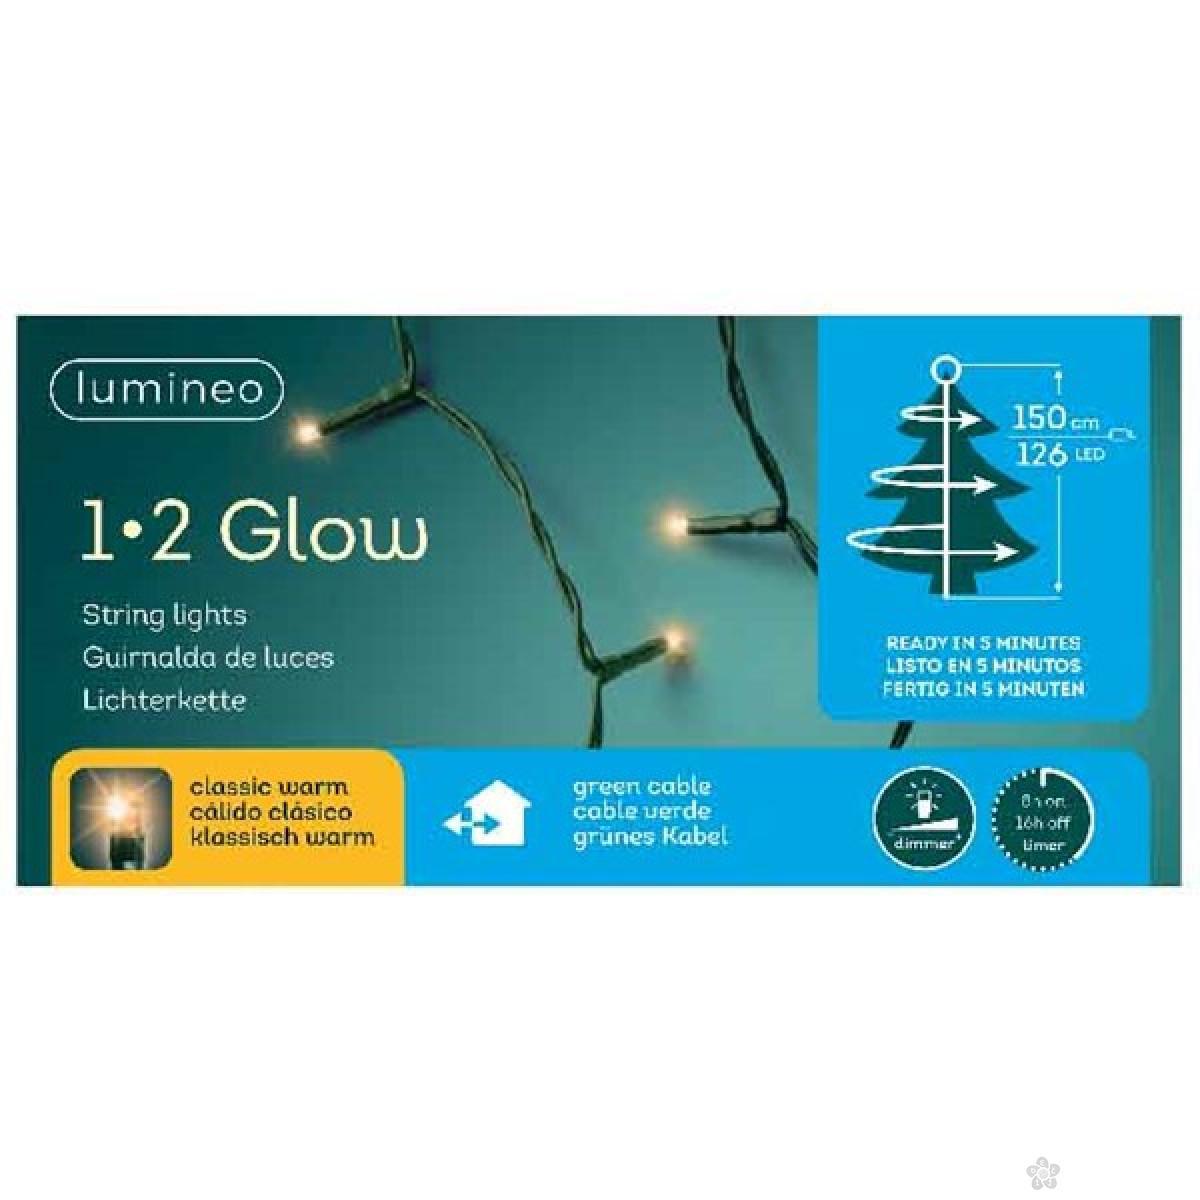 Novogodišnja LED rasveta za jelku 150cm-126L